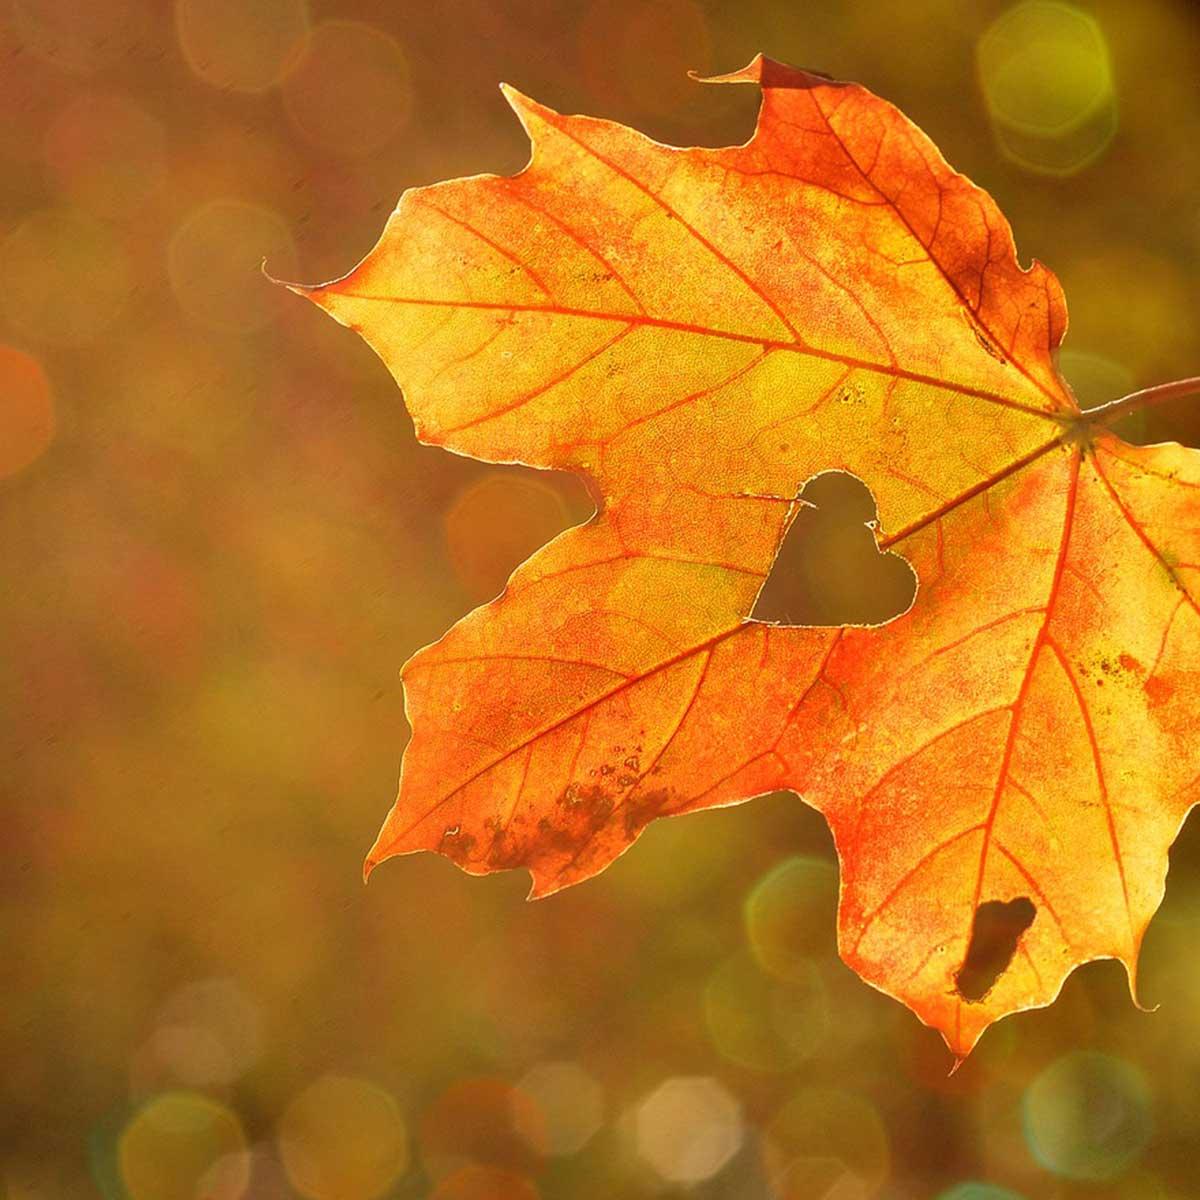 Jardín en temporada de otoño: 10 tareas claves para su cuidado